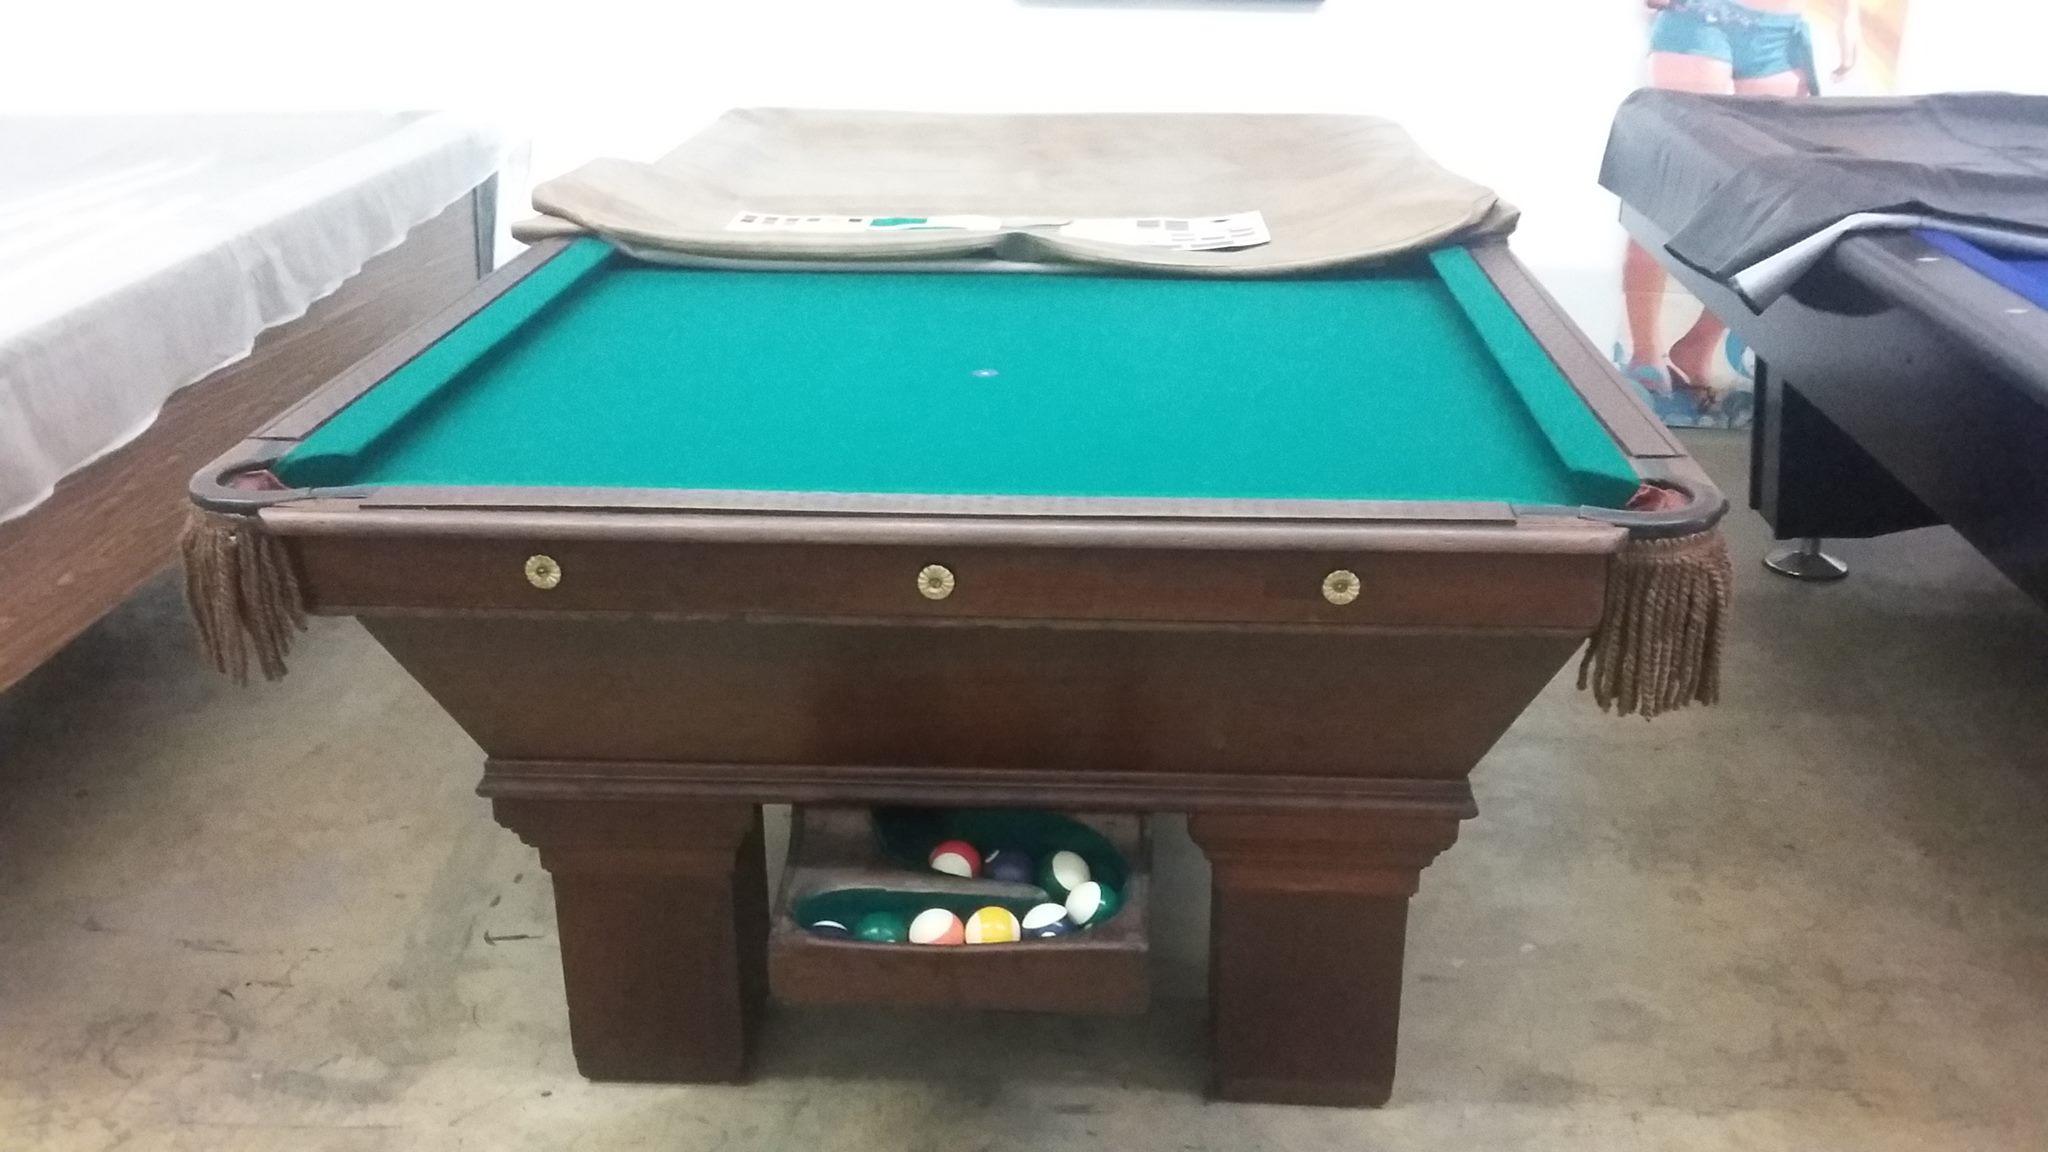 Somar Billiards Used Pool Tables